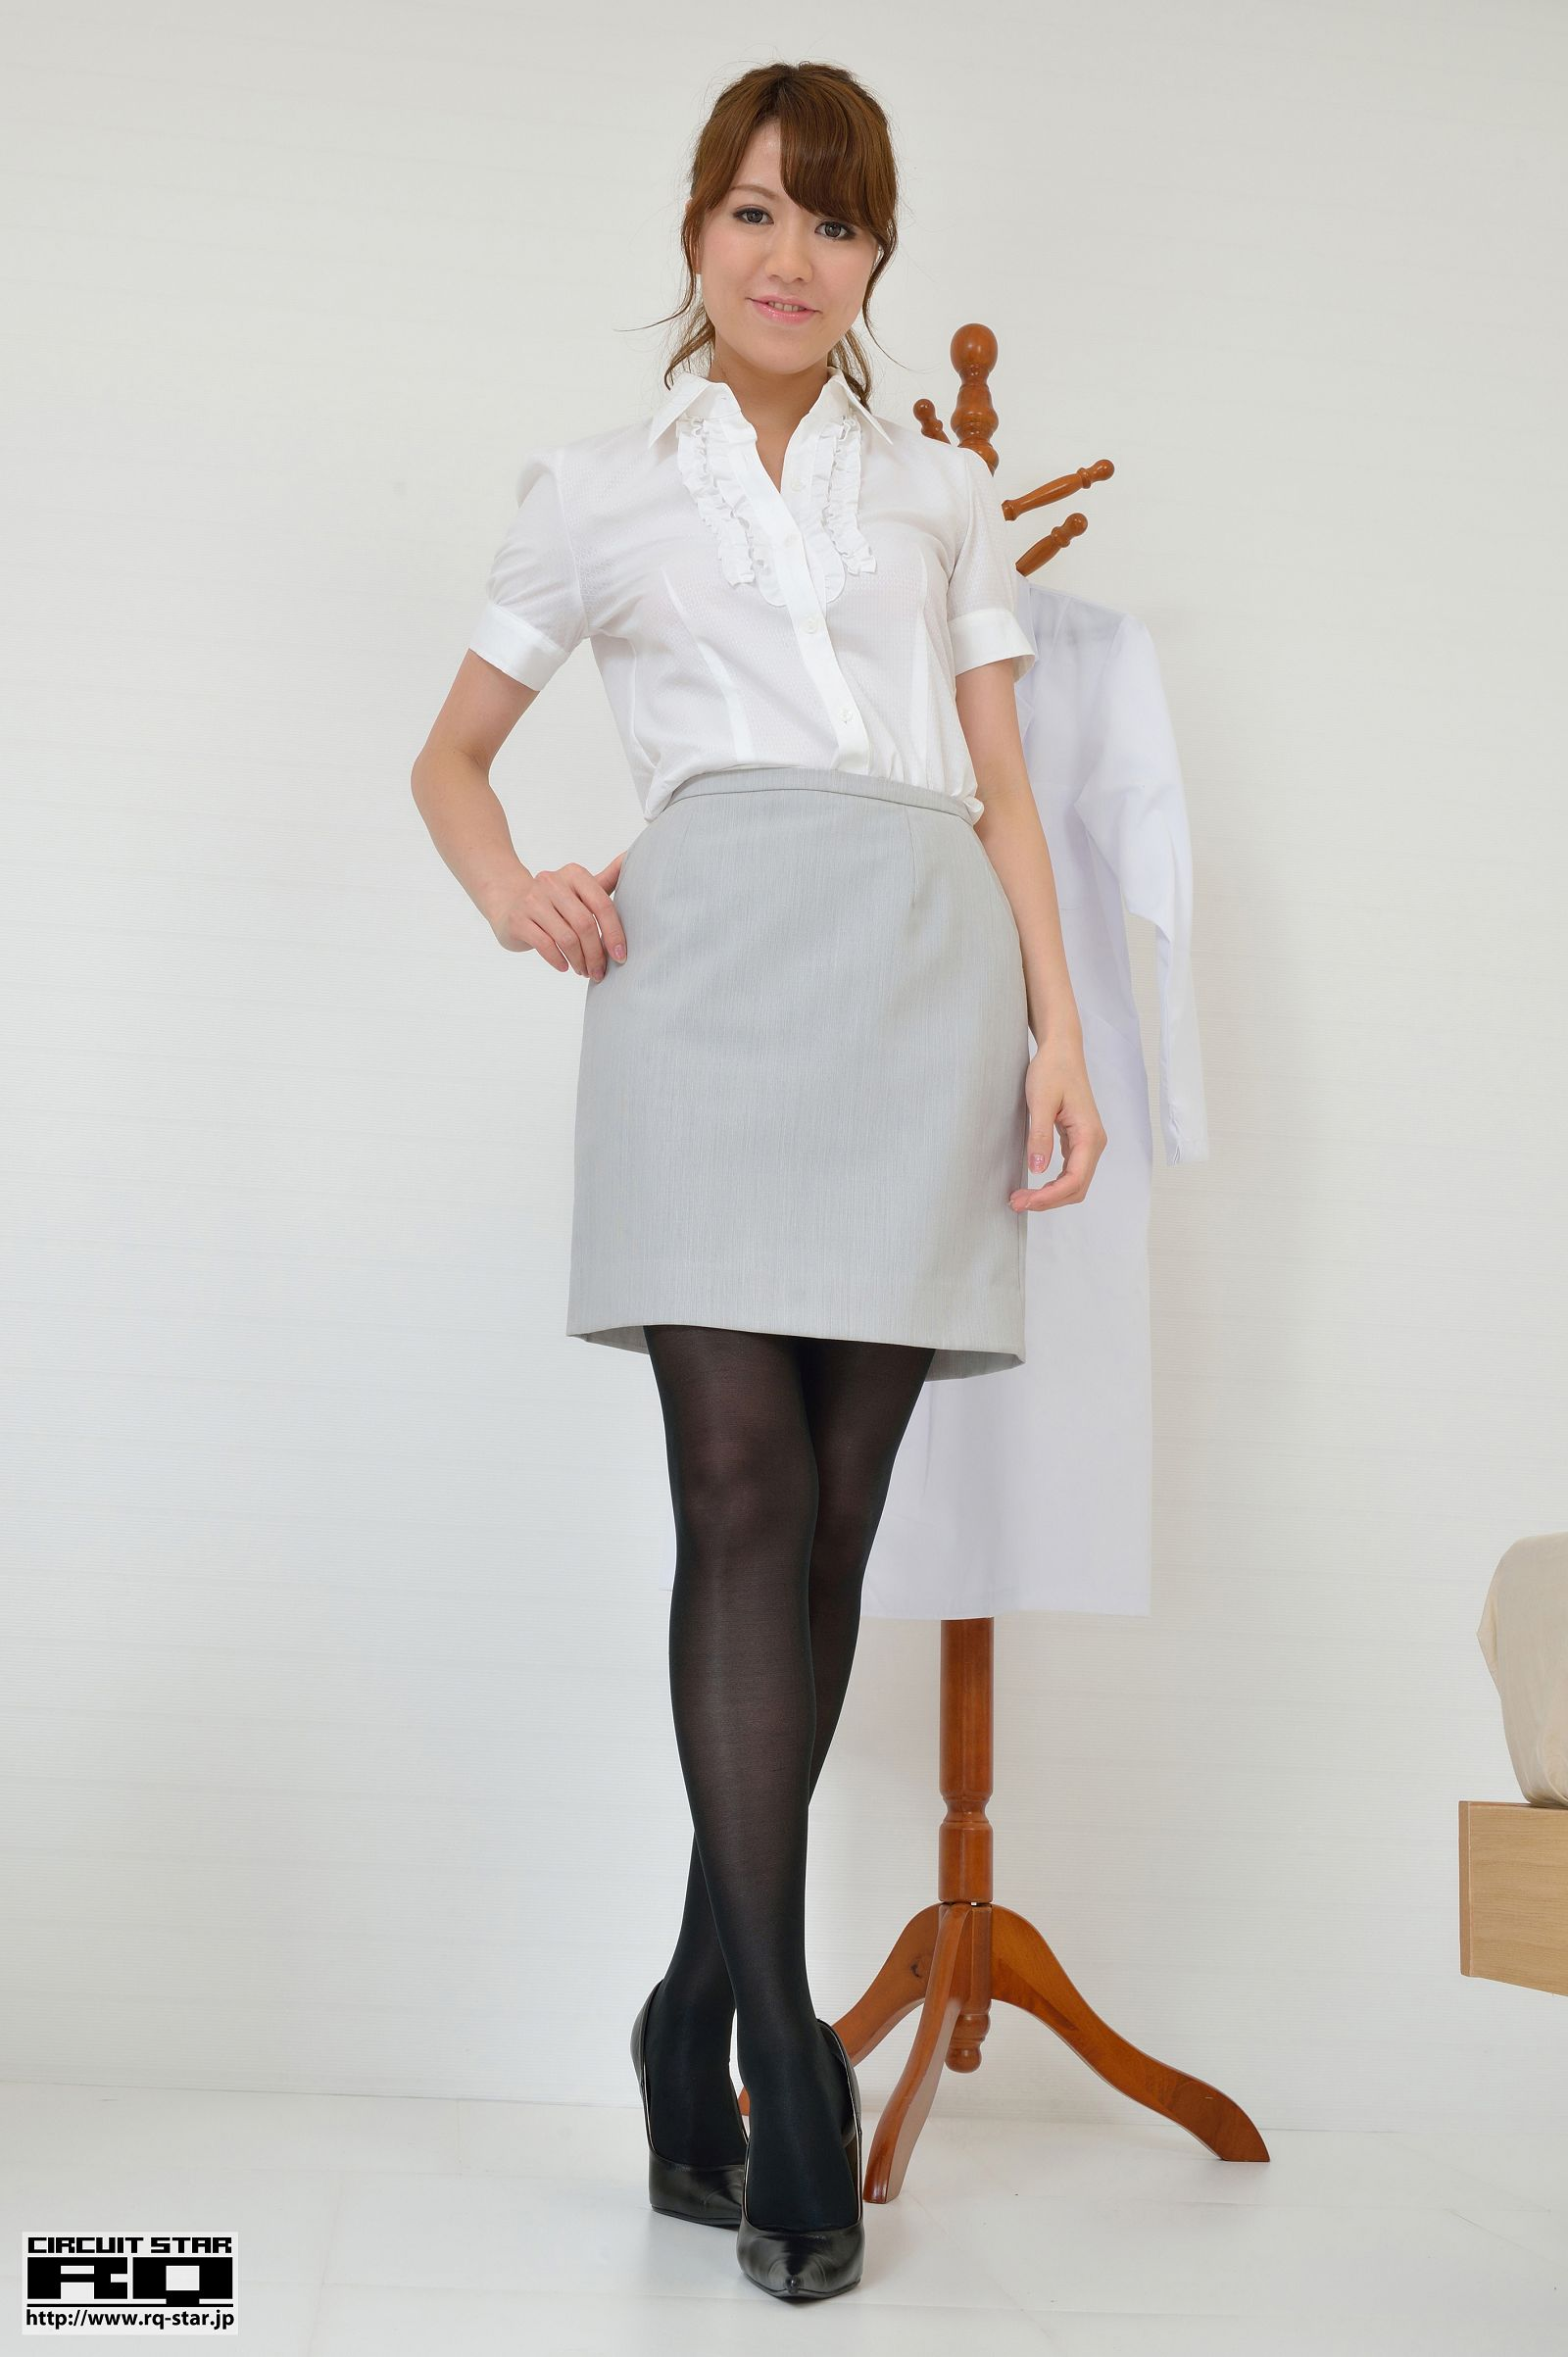 [RQ STAR美女] NO.00667 Mami Aizawa 相沢真美 Doctor[100P] RQ STAR 第1张